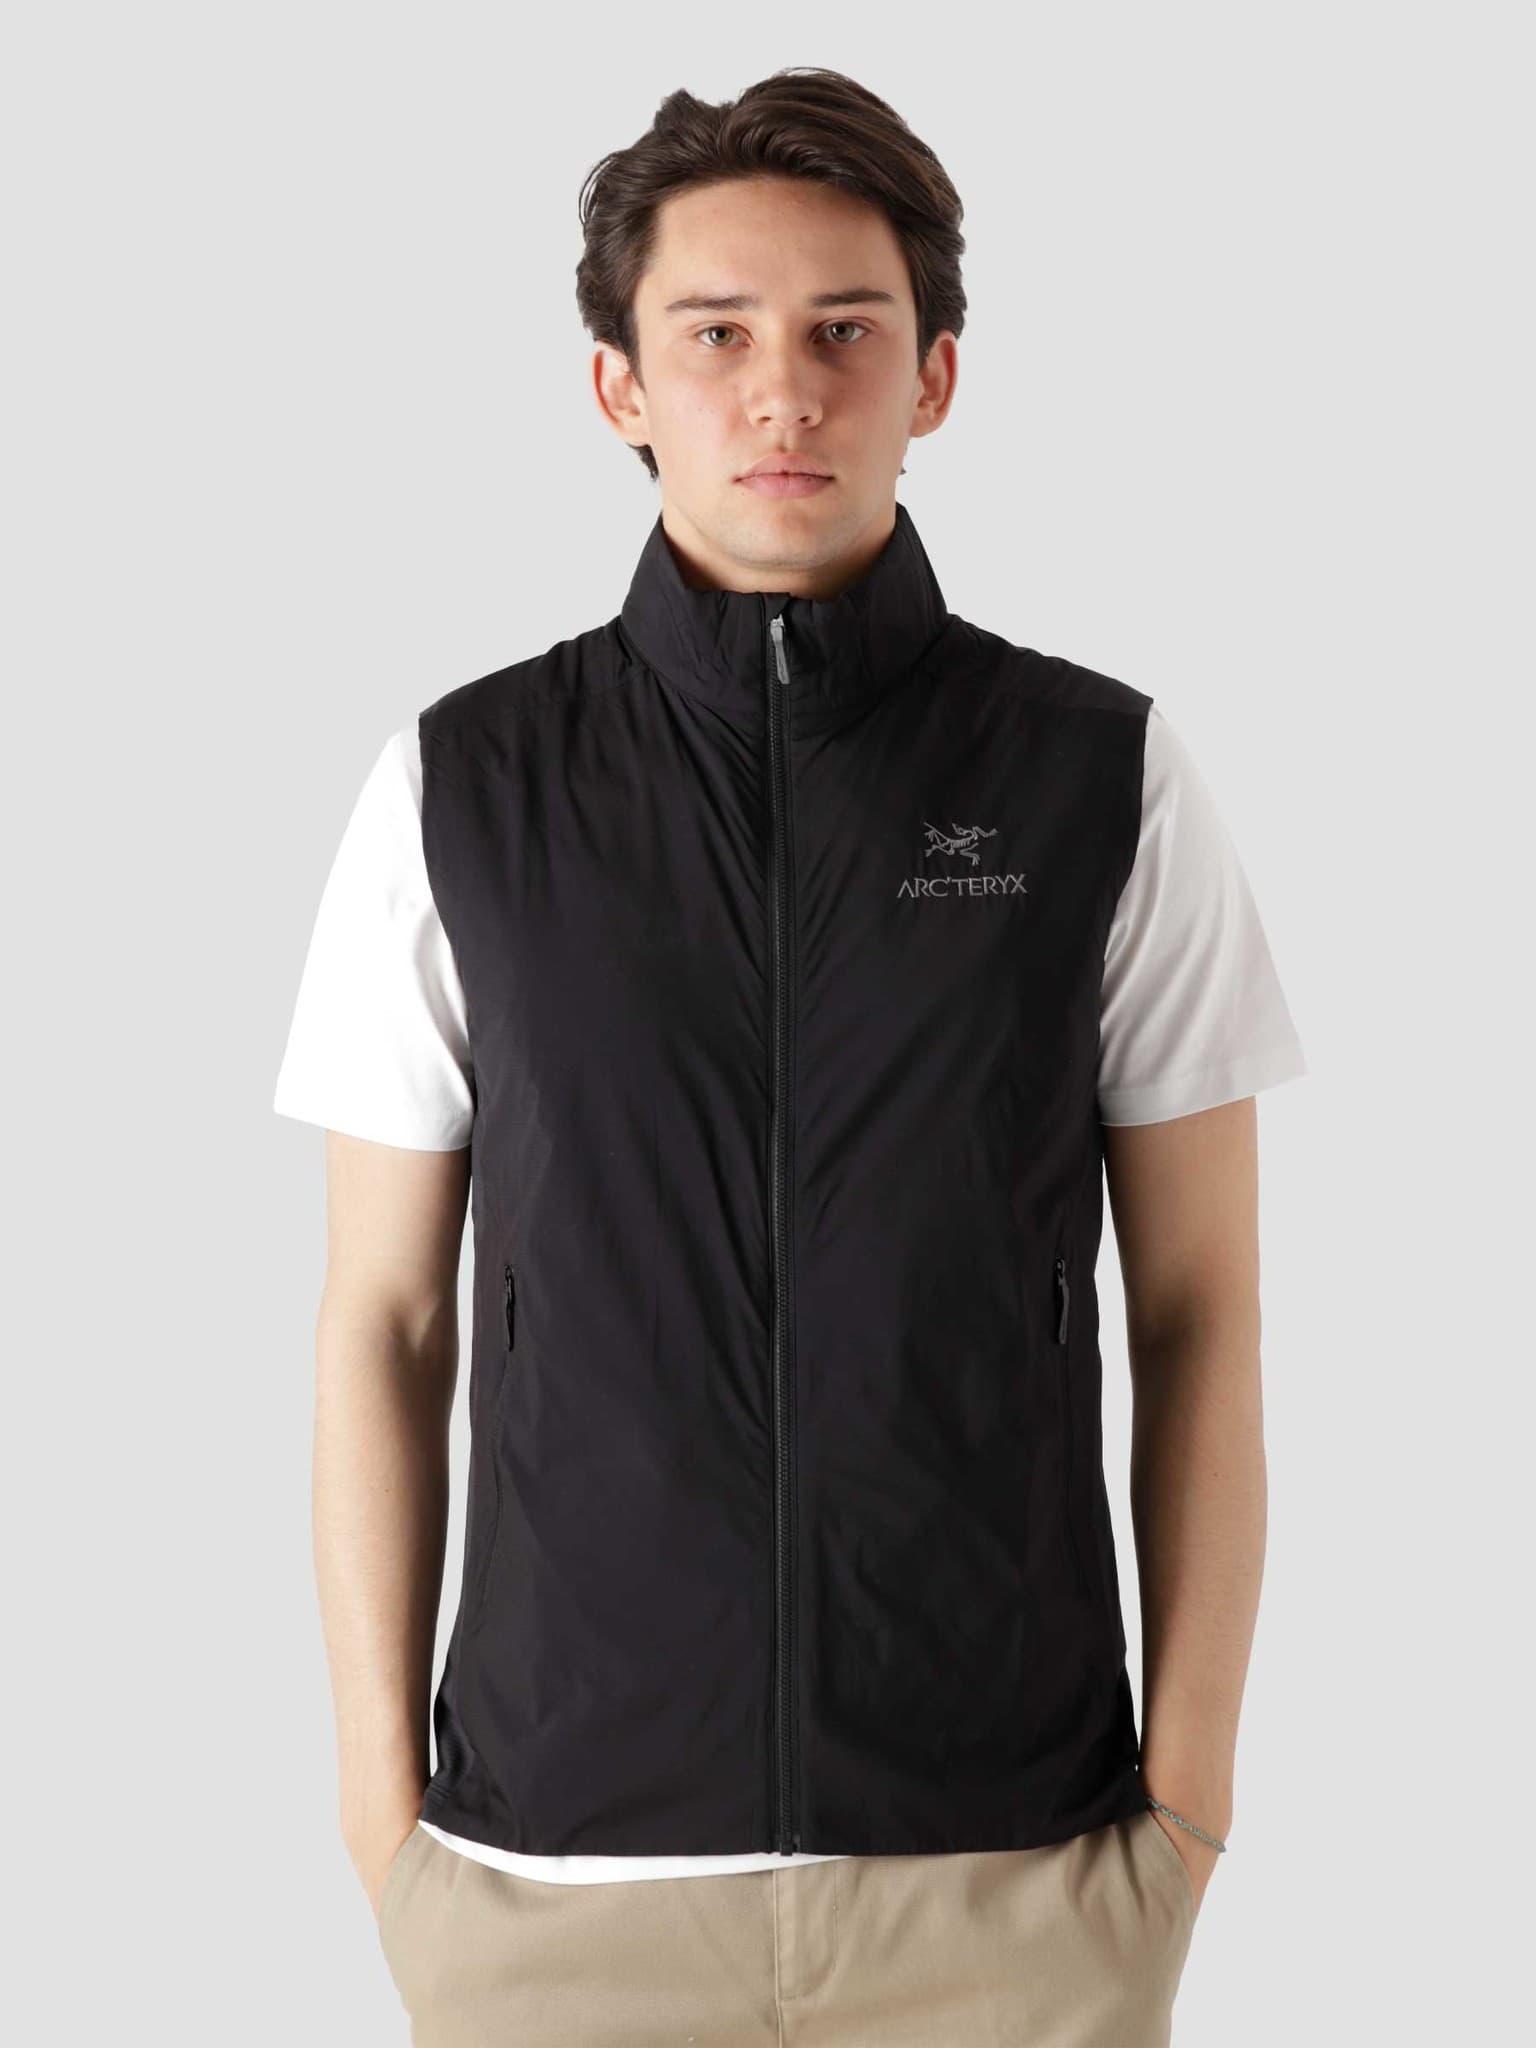 Atom SL Vest Black 26890